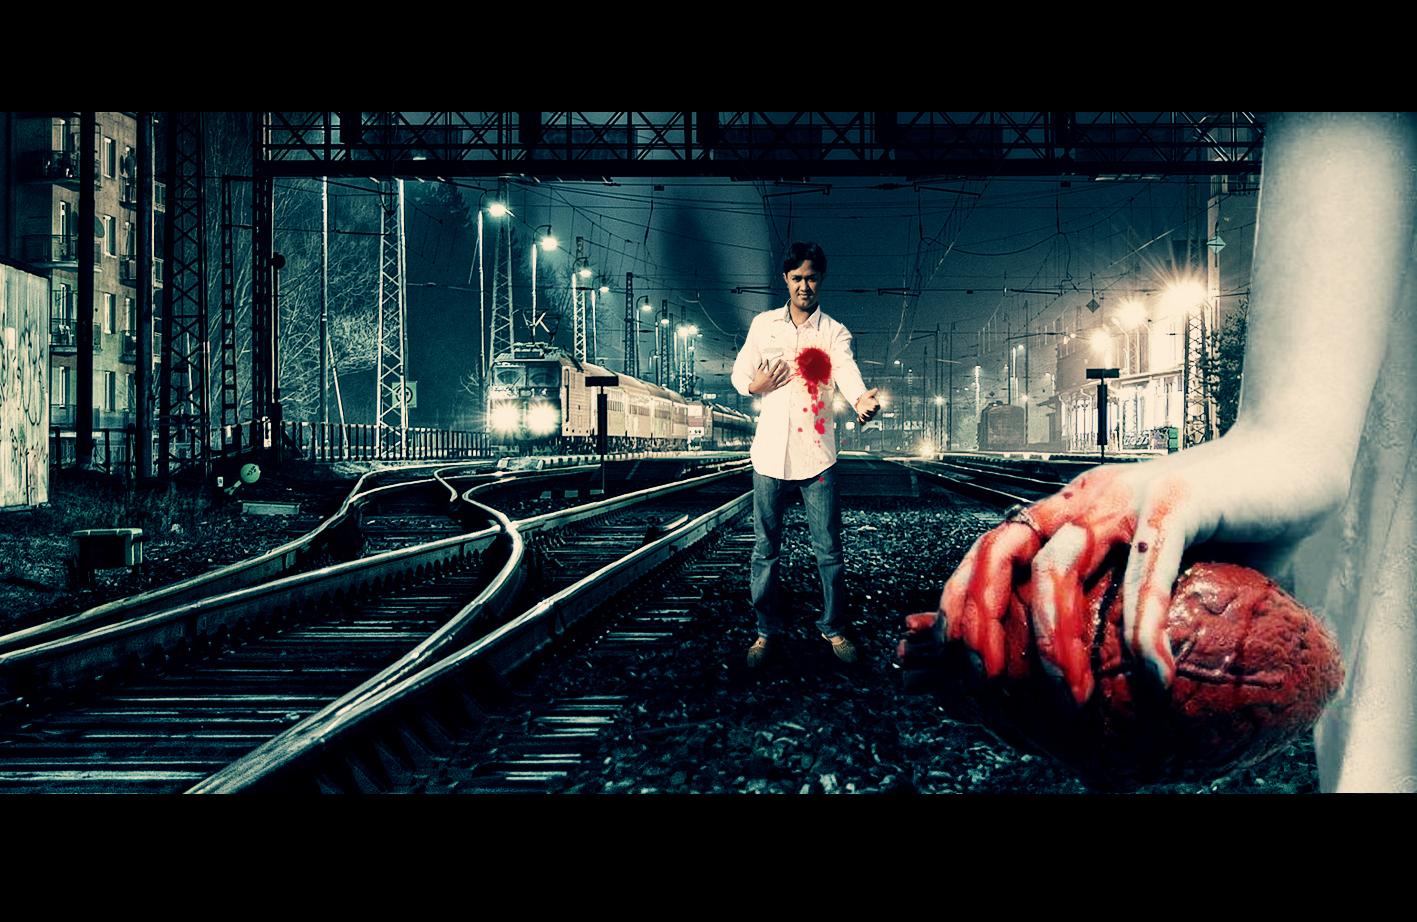 brilliant photo manipulation heart broken wallpaper